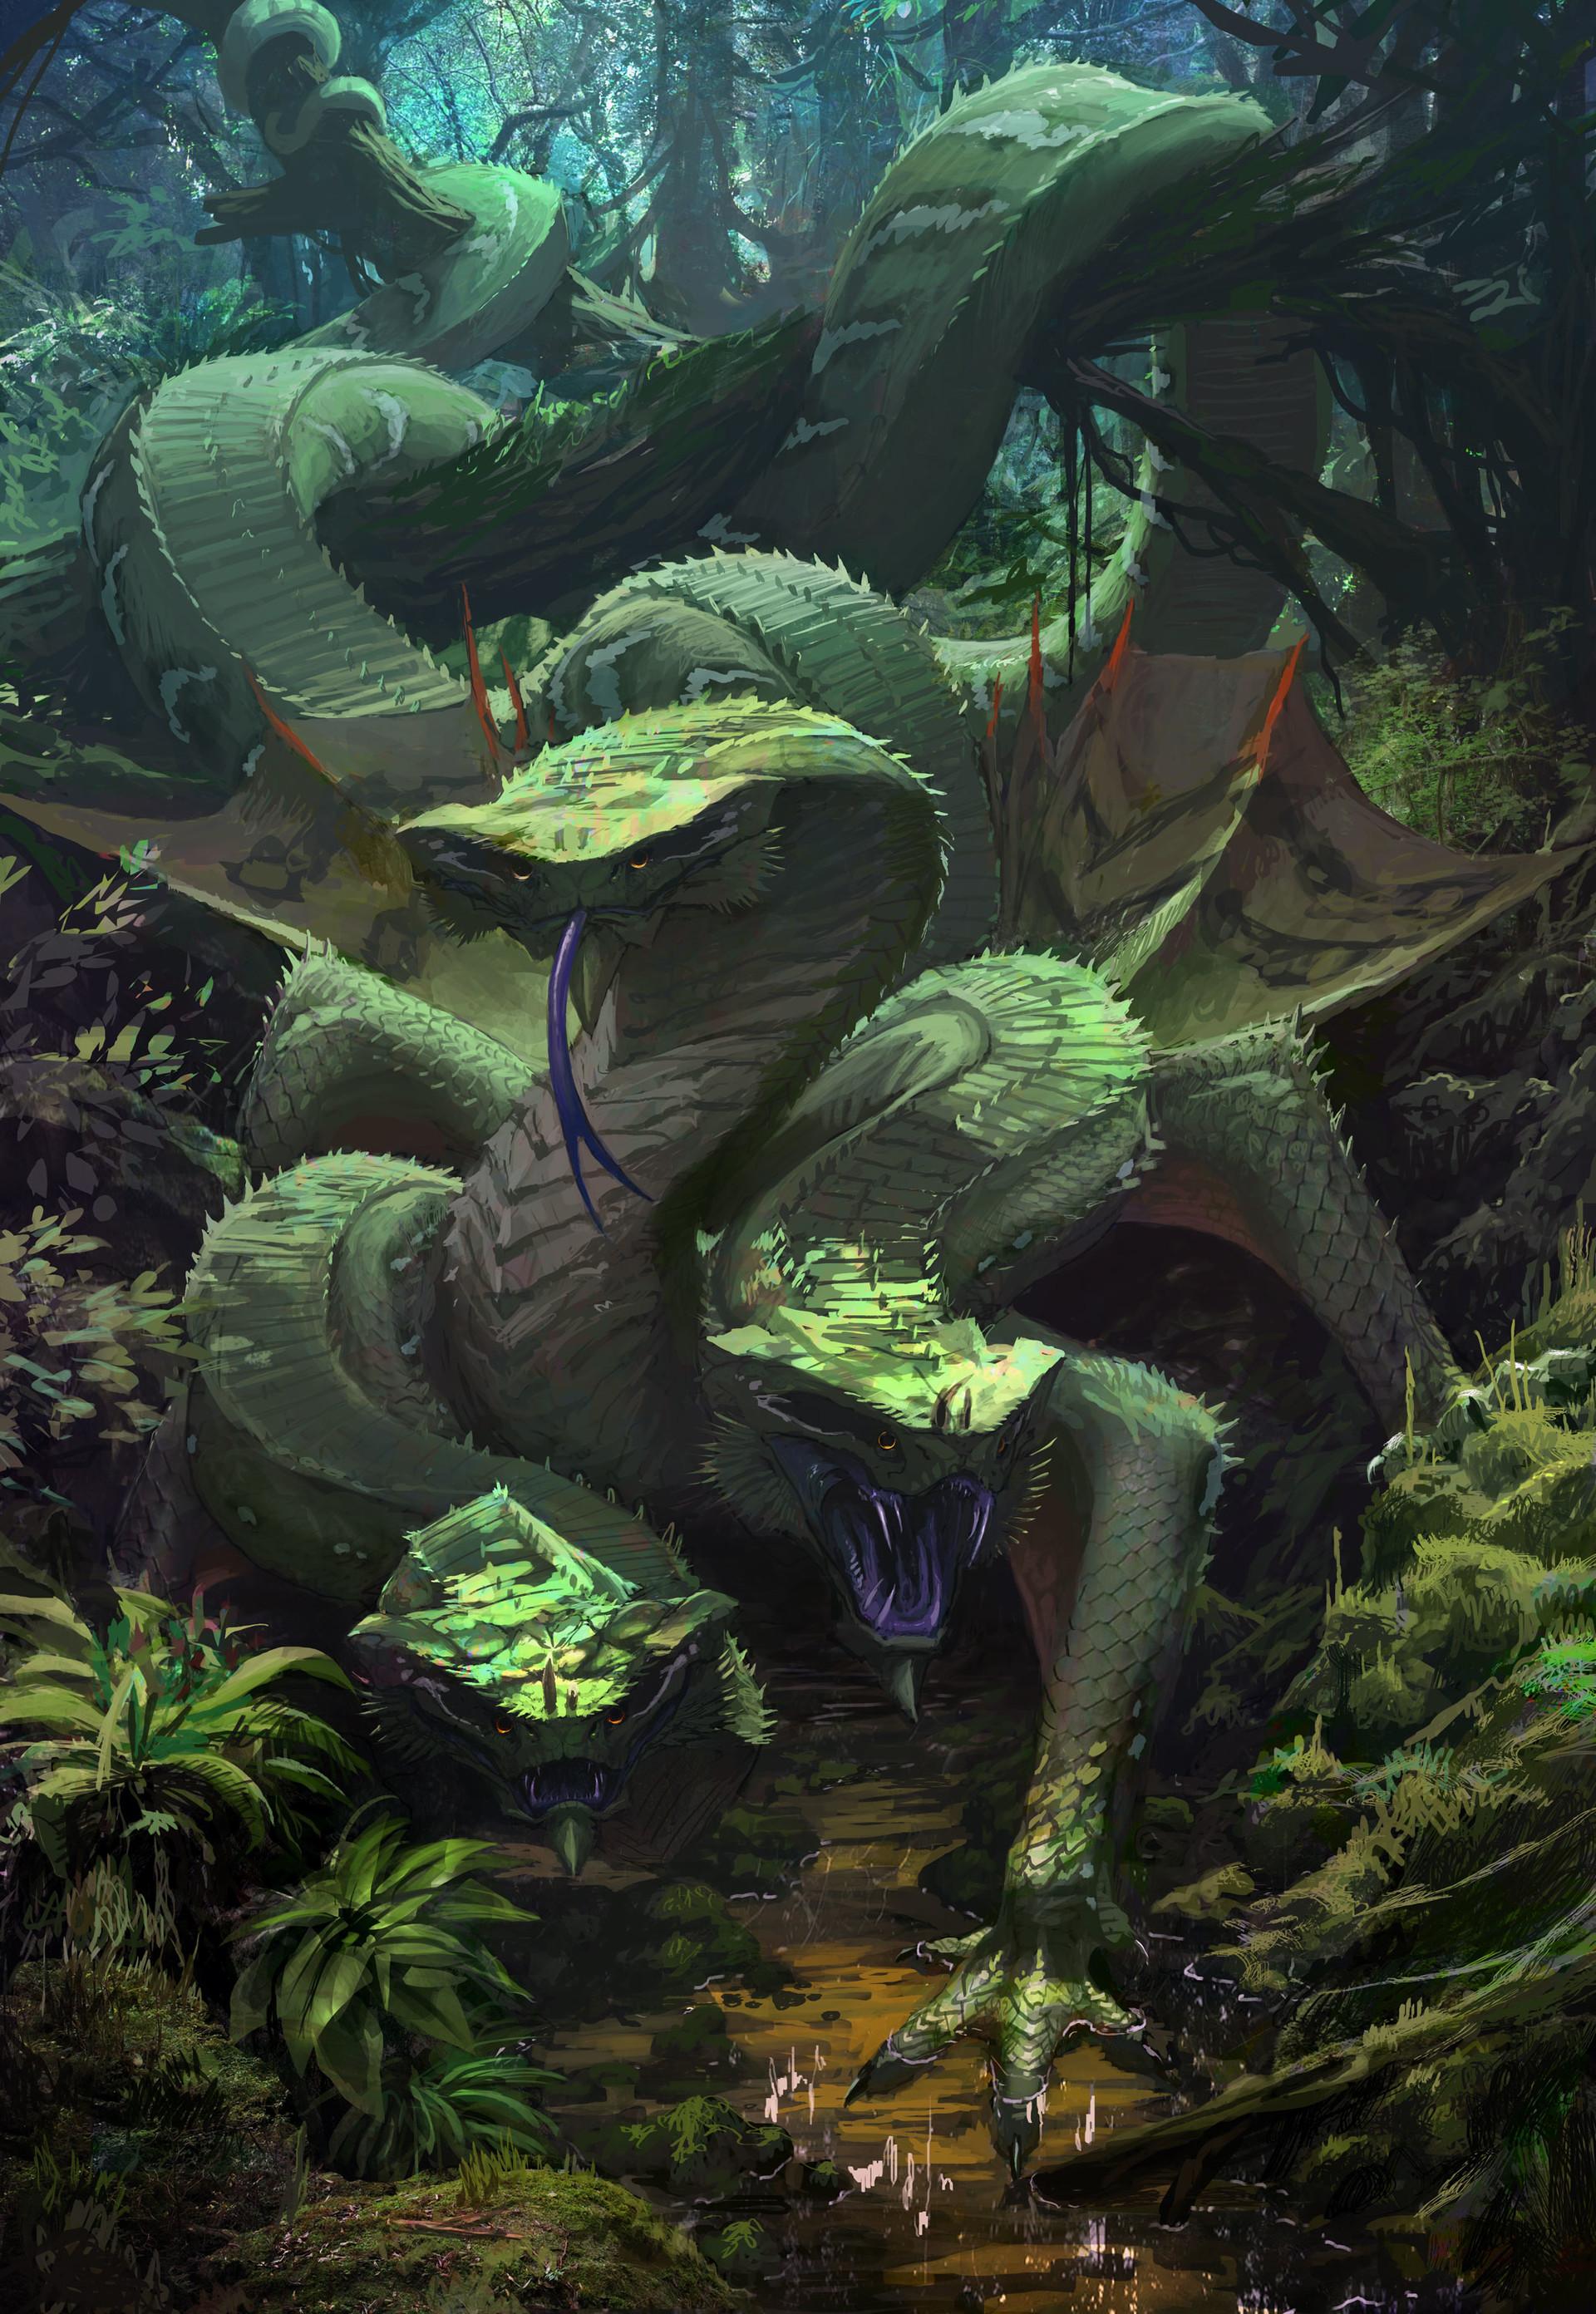 Artstation - Green Dragon Brett Macdonald